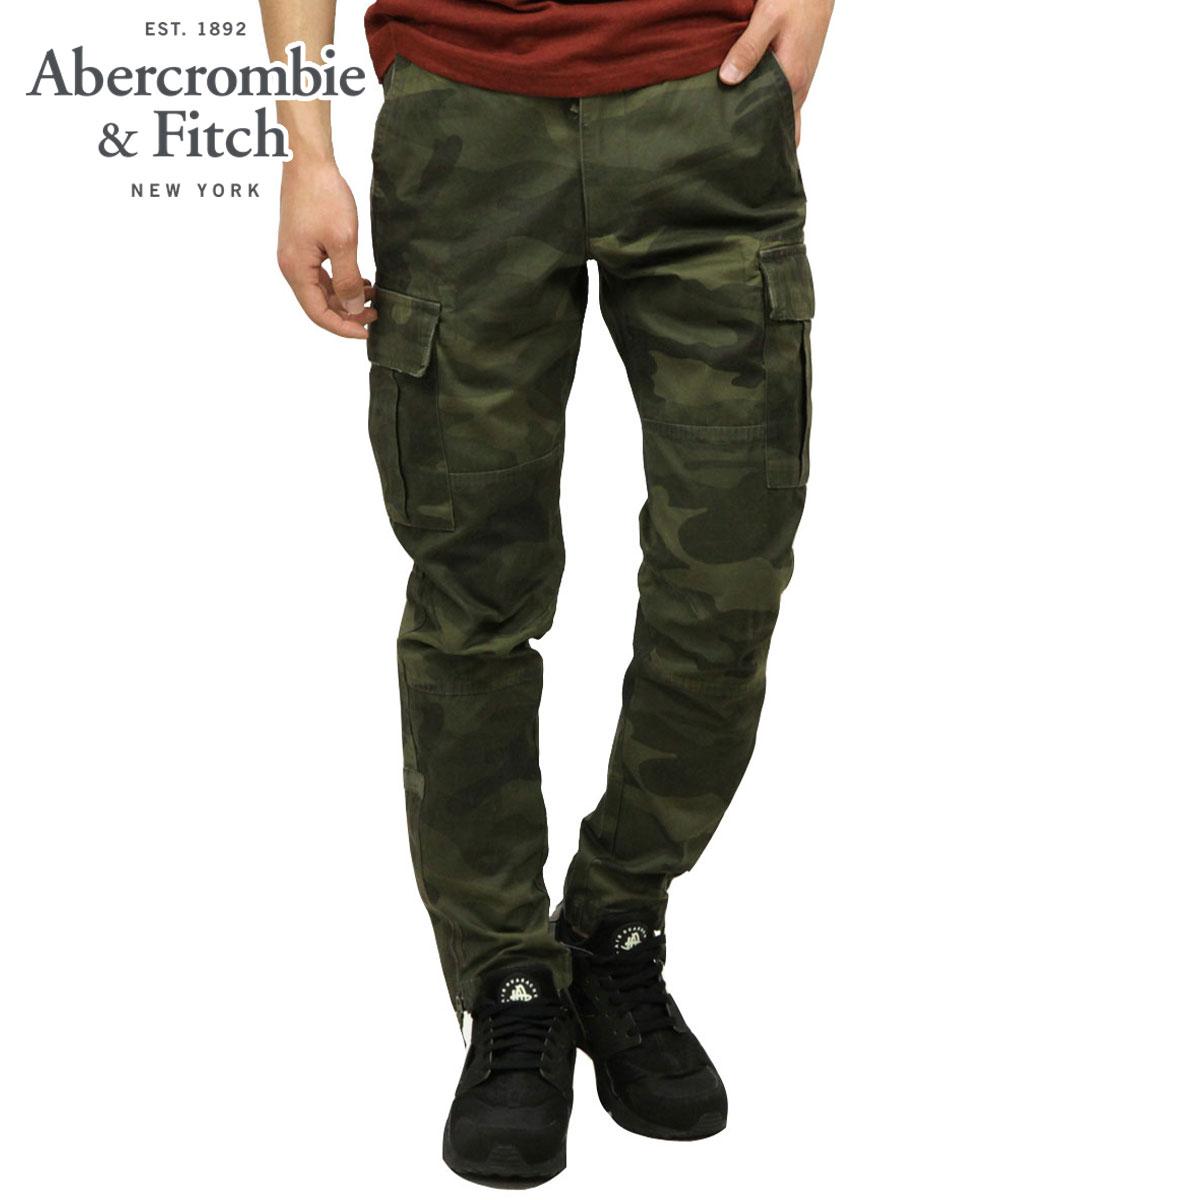 アバクロ Abercrombie&Fitch 正規品 メンズ スリムカーゴパンツ ATHLETIC SLIM CARGO PANTS 130-307-0642-378